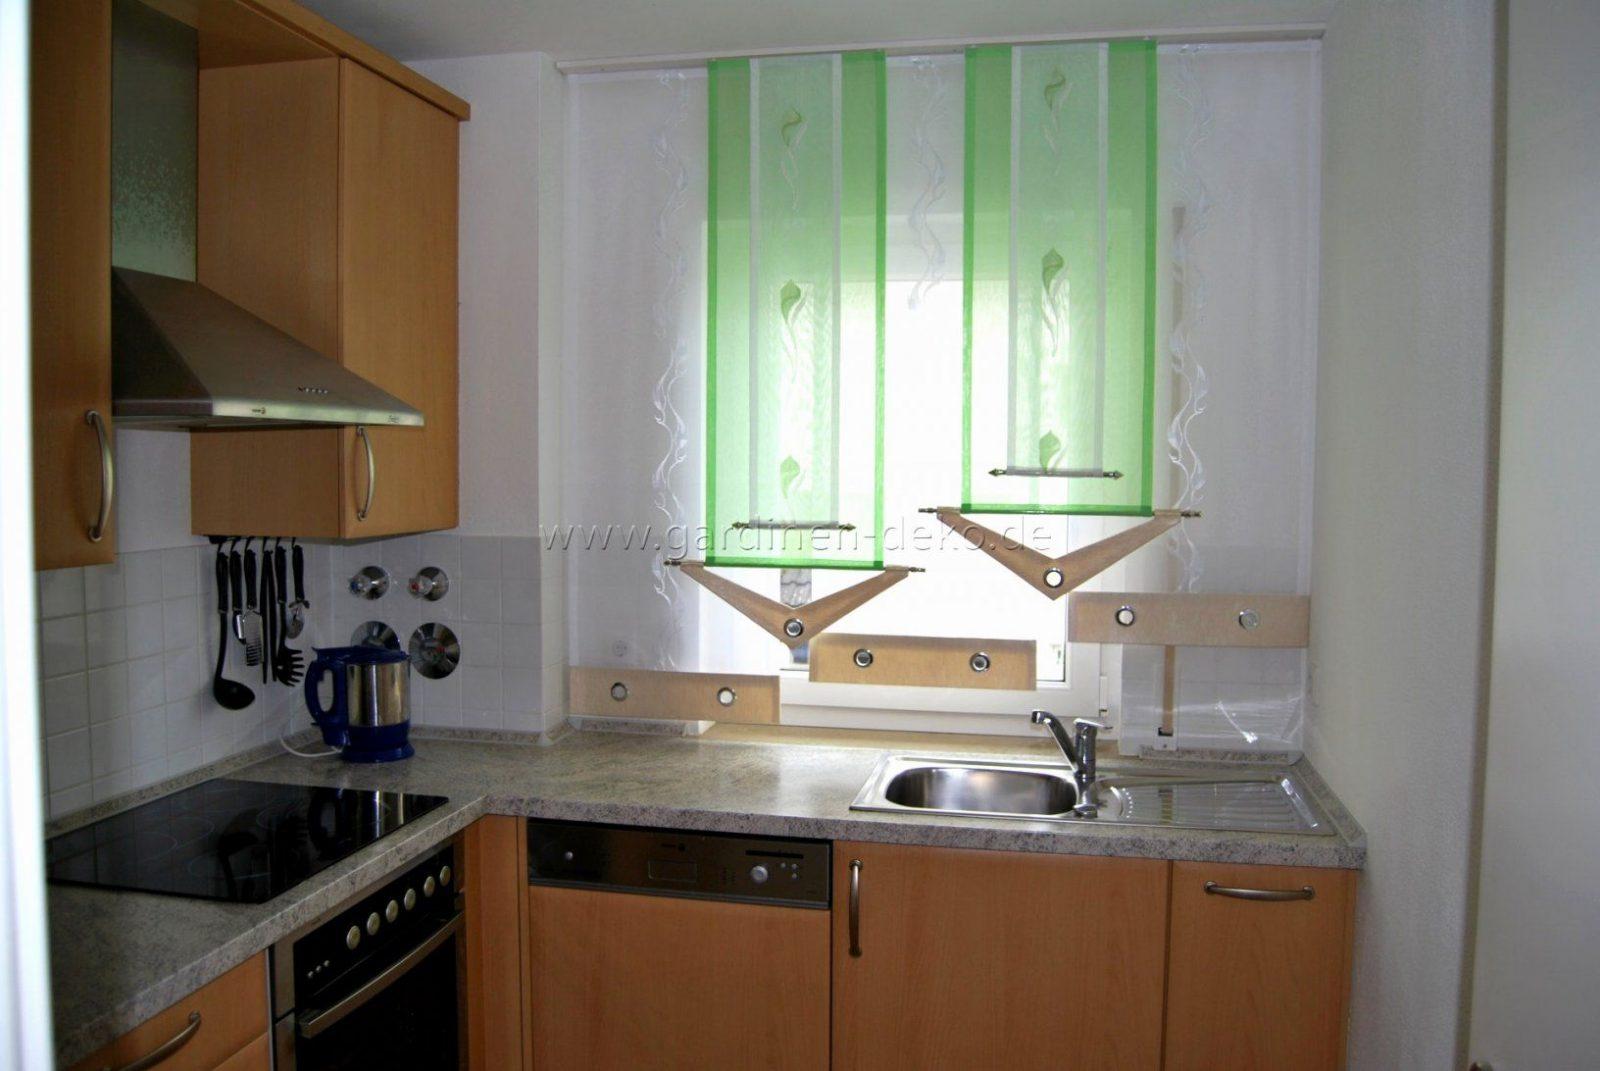 Gardinen Für Küche Plissee Küche 547121 Ideen Landhaus Gardinen